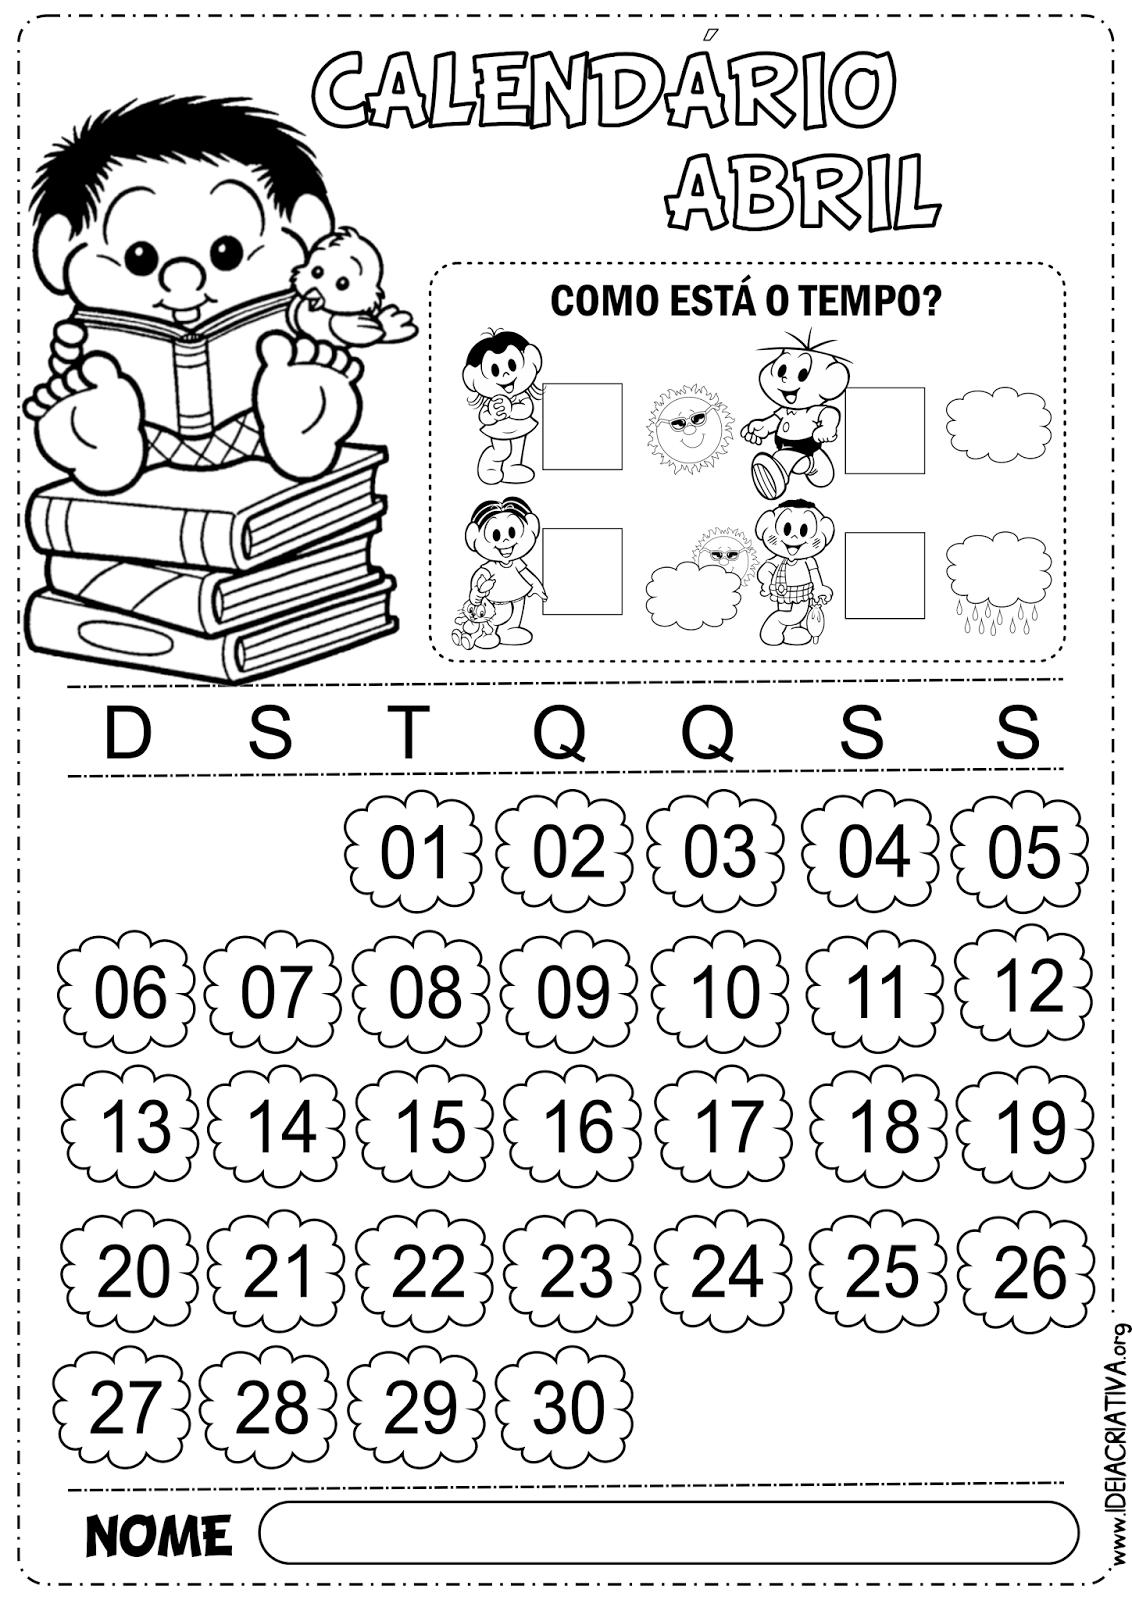 Calendários Abril Turma da Mônica 2014